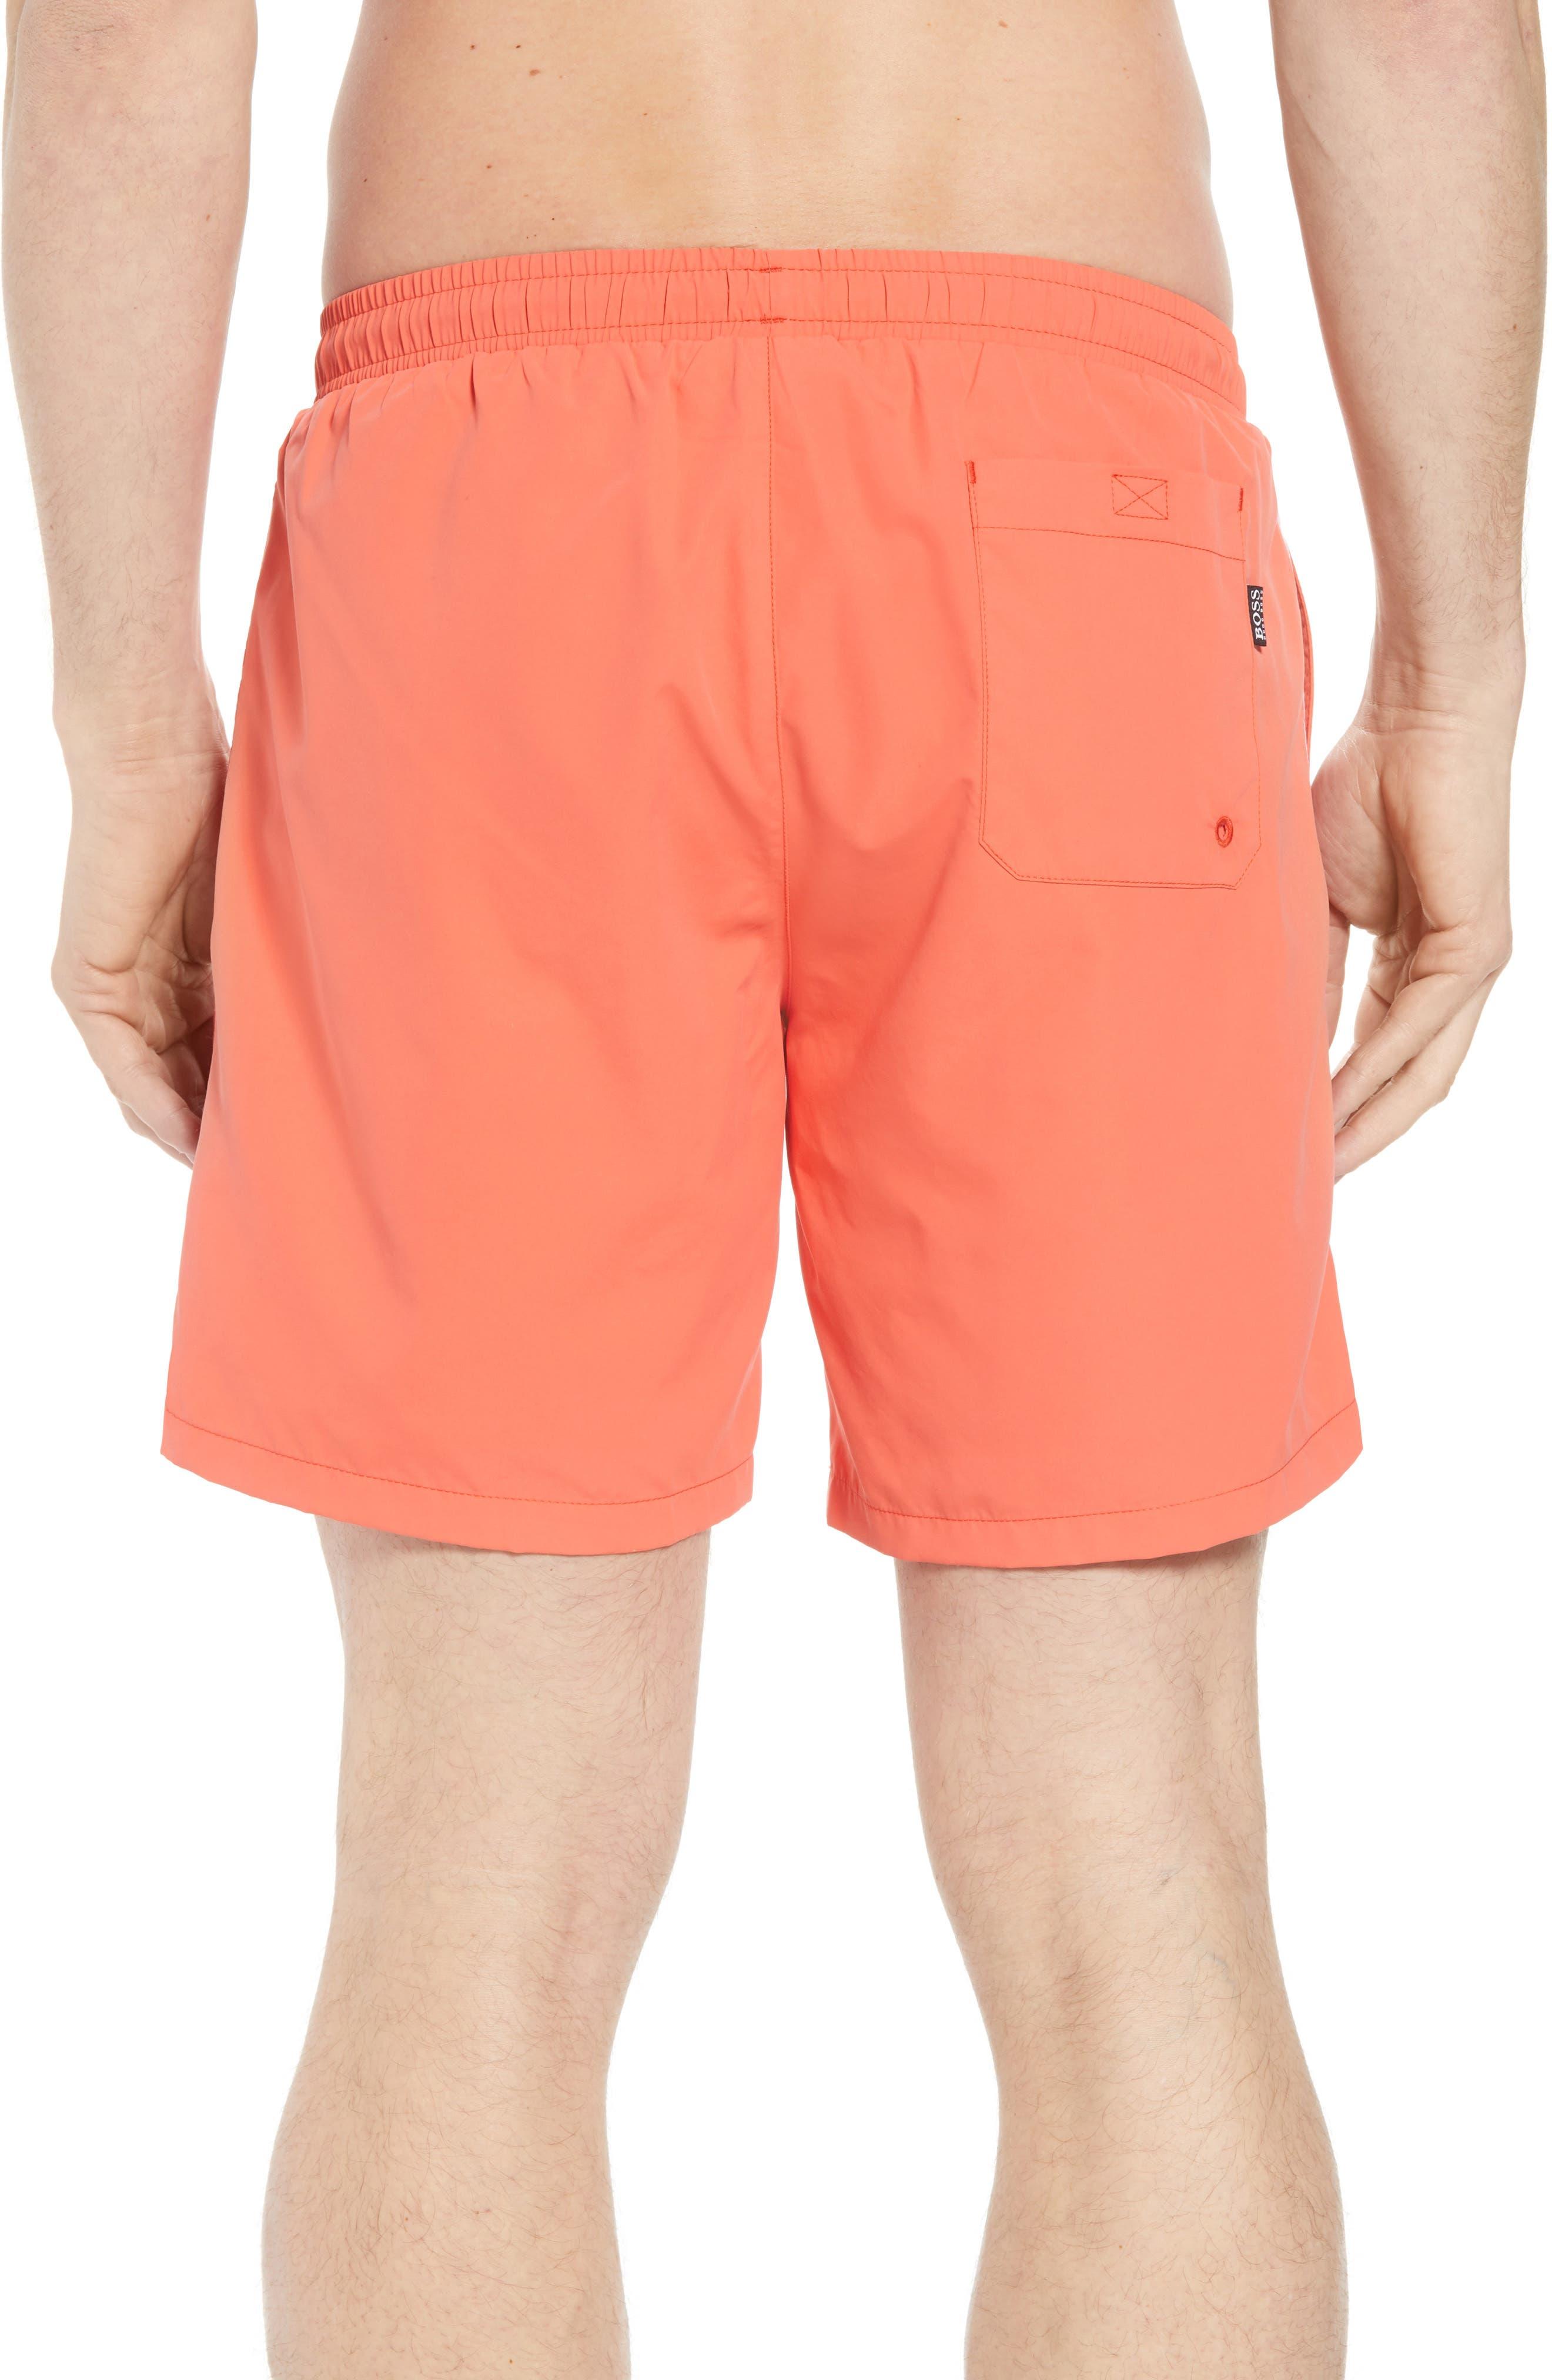 Seabream Regular Fit Stripe Swim Trunks,                             Alternate thumbnail 2, color,                             633